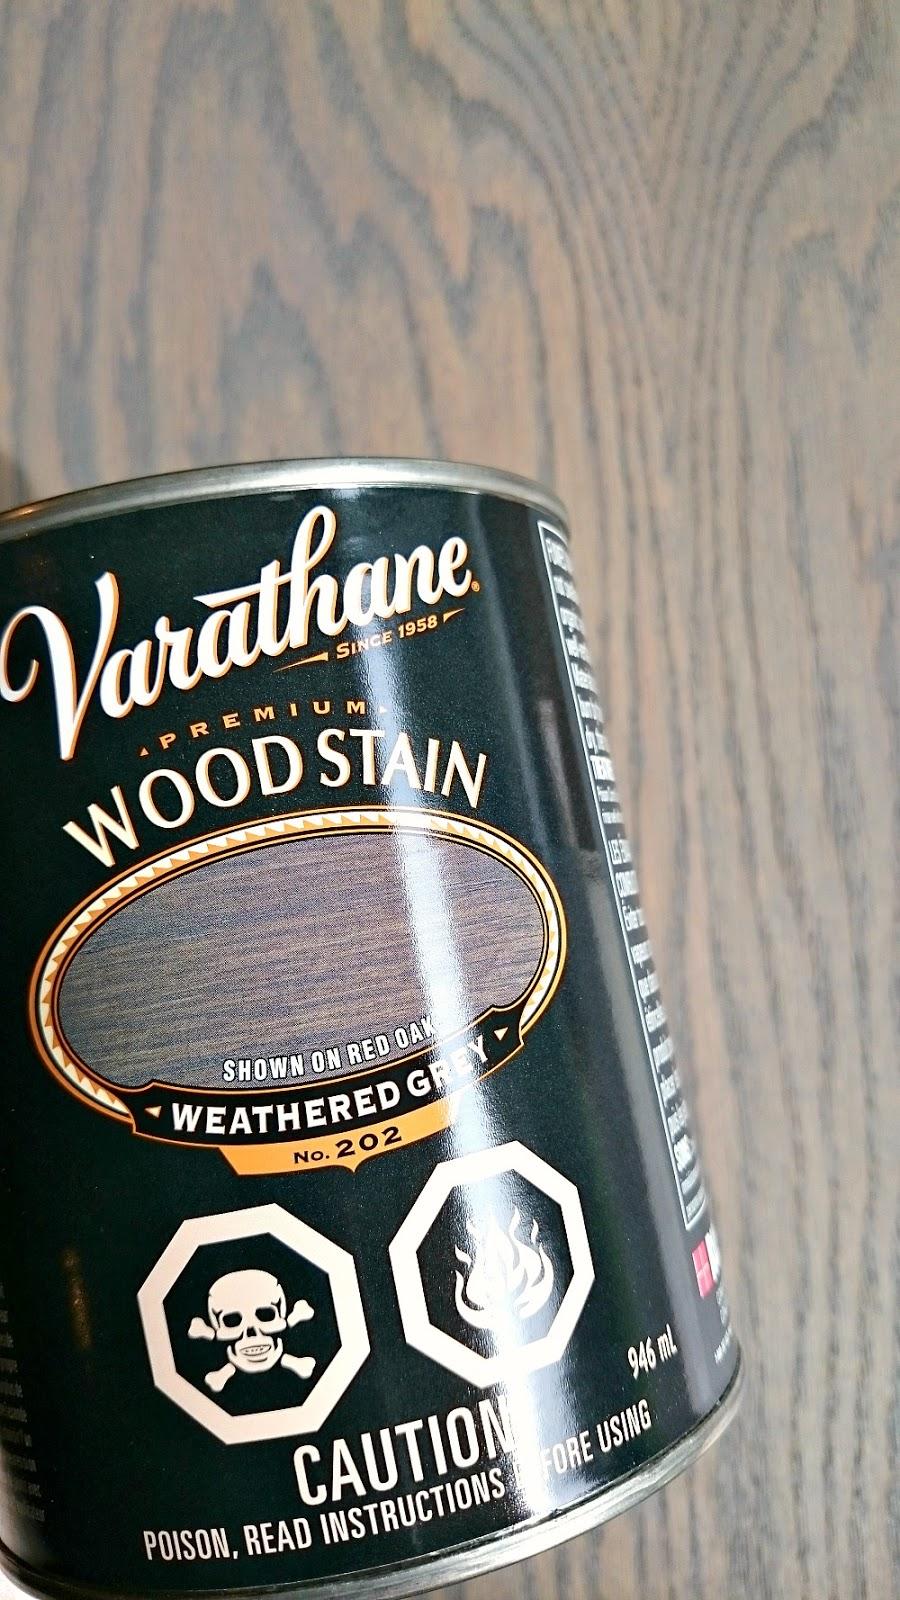 Varathane Wood Stain Weathered Grey on Oak